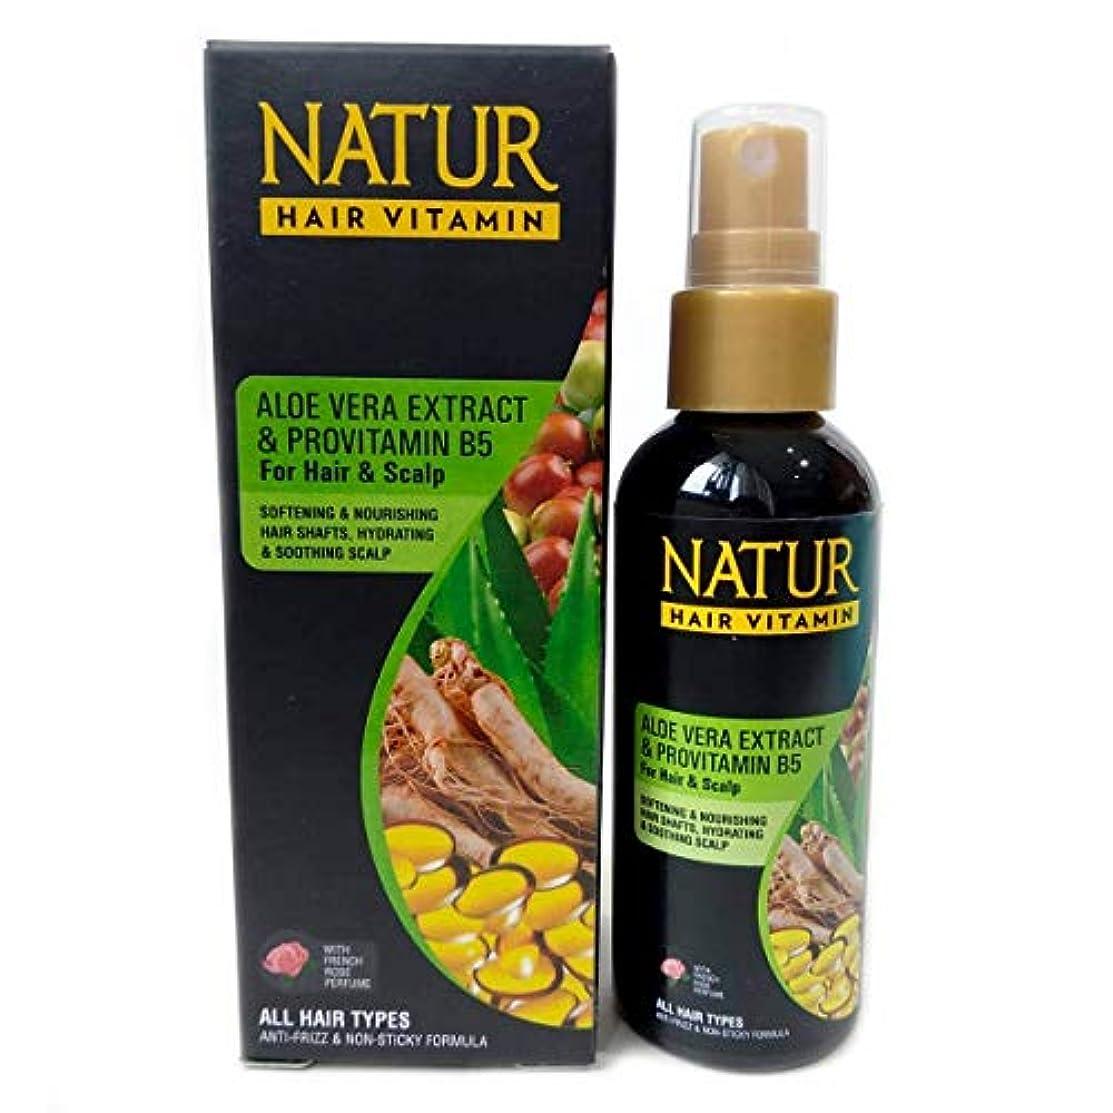 ご飯旋回割り込みNATUR ナトゥール 天然植物エキス配合 Hair Vitamin ハーバルヘアビタミン 80ml Aloe vera&Provitamin B5 アロエベラ&プロビタミンB5 [海外直商品]